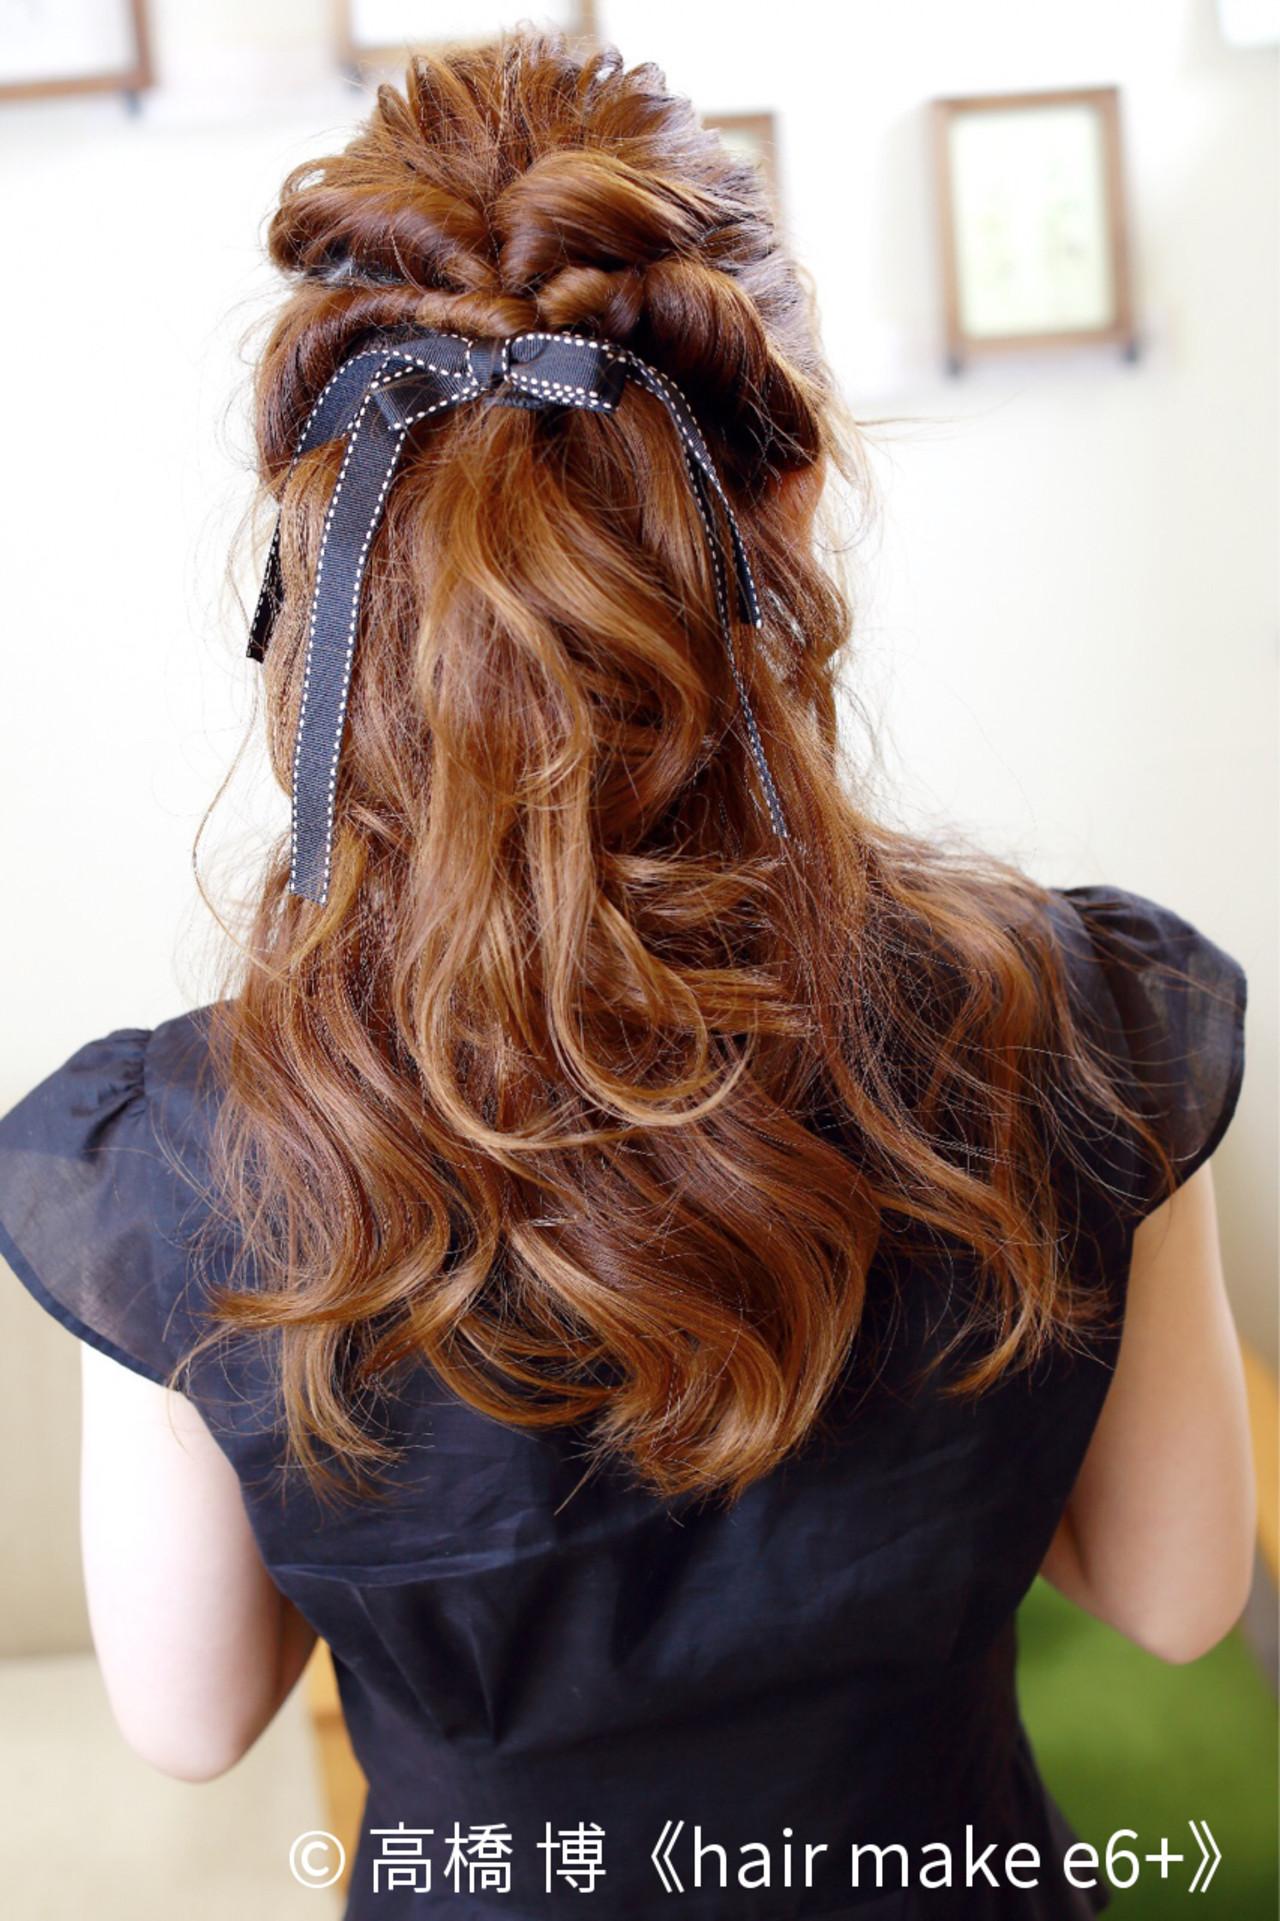 簡単可愛いくるりんぱのへアレンジ集!やり方・コツをご紹介♡ 高橋 博《hair make e6+》